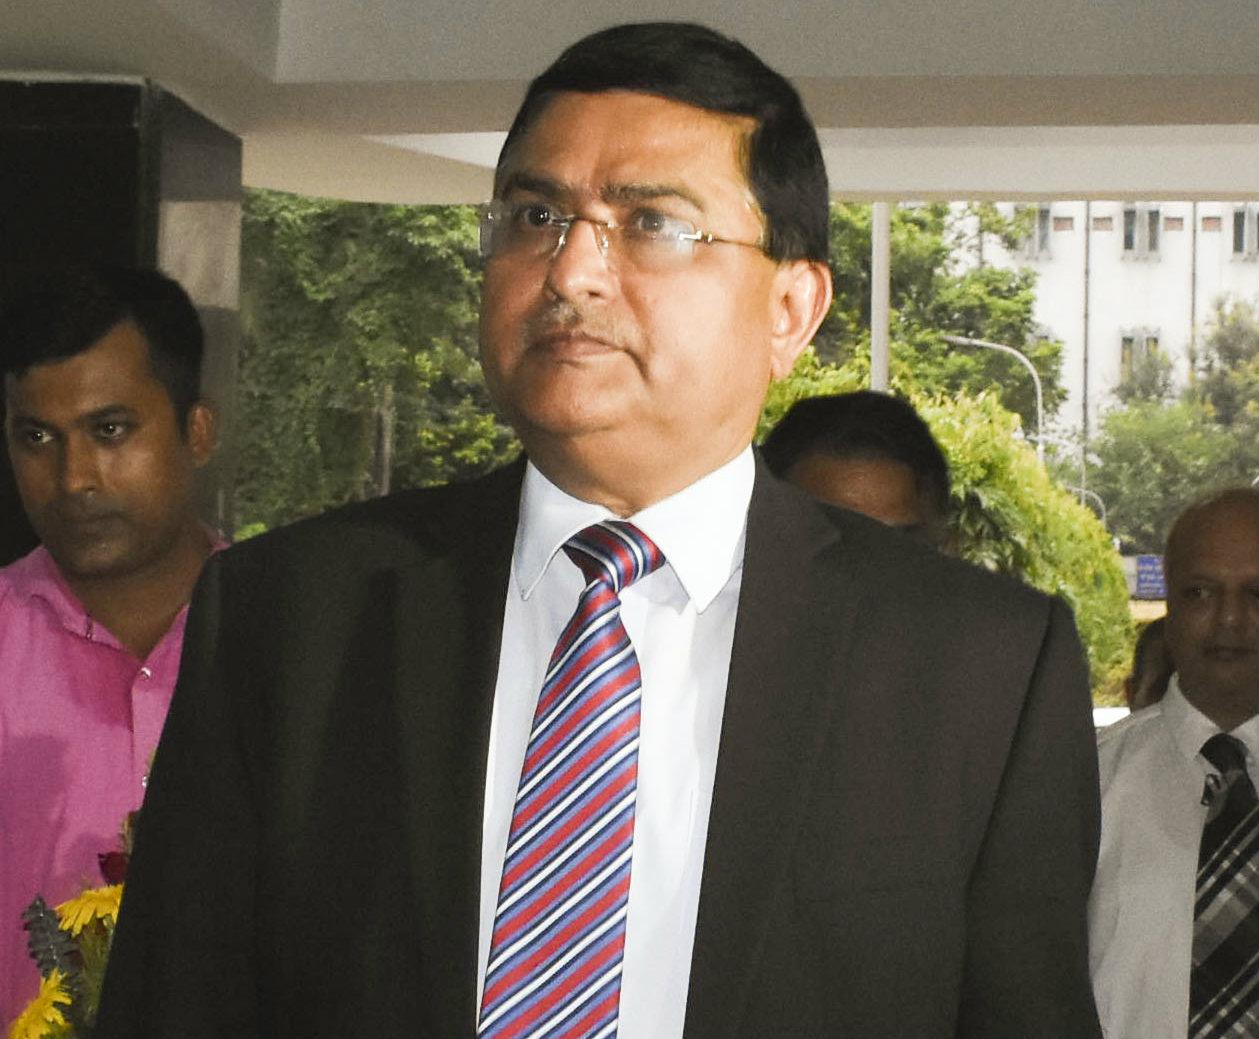 Fight exposed CBI to ridicule: Govt tells SC